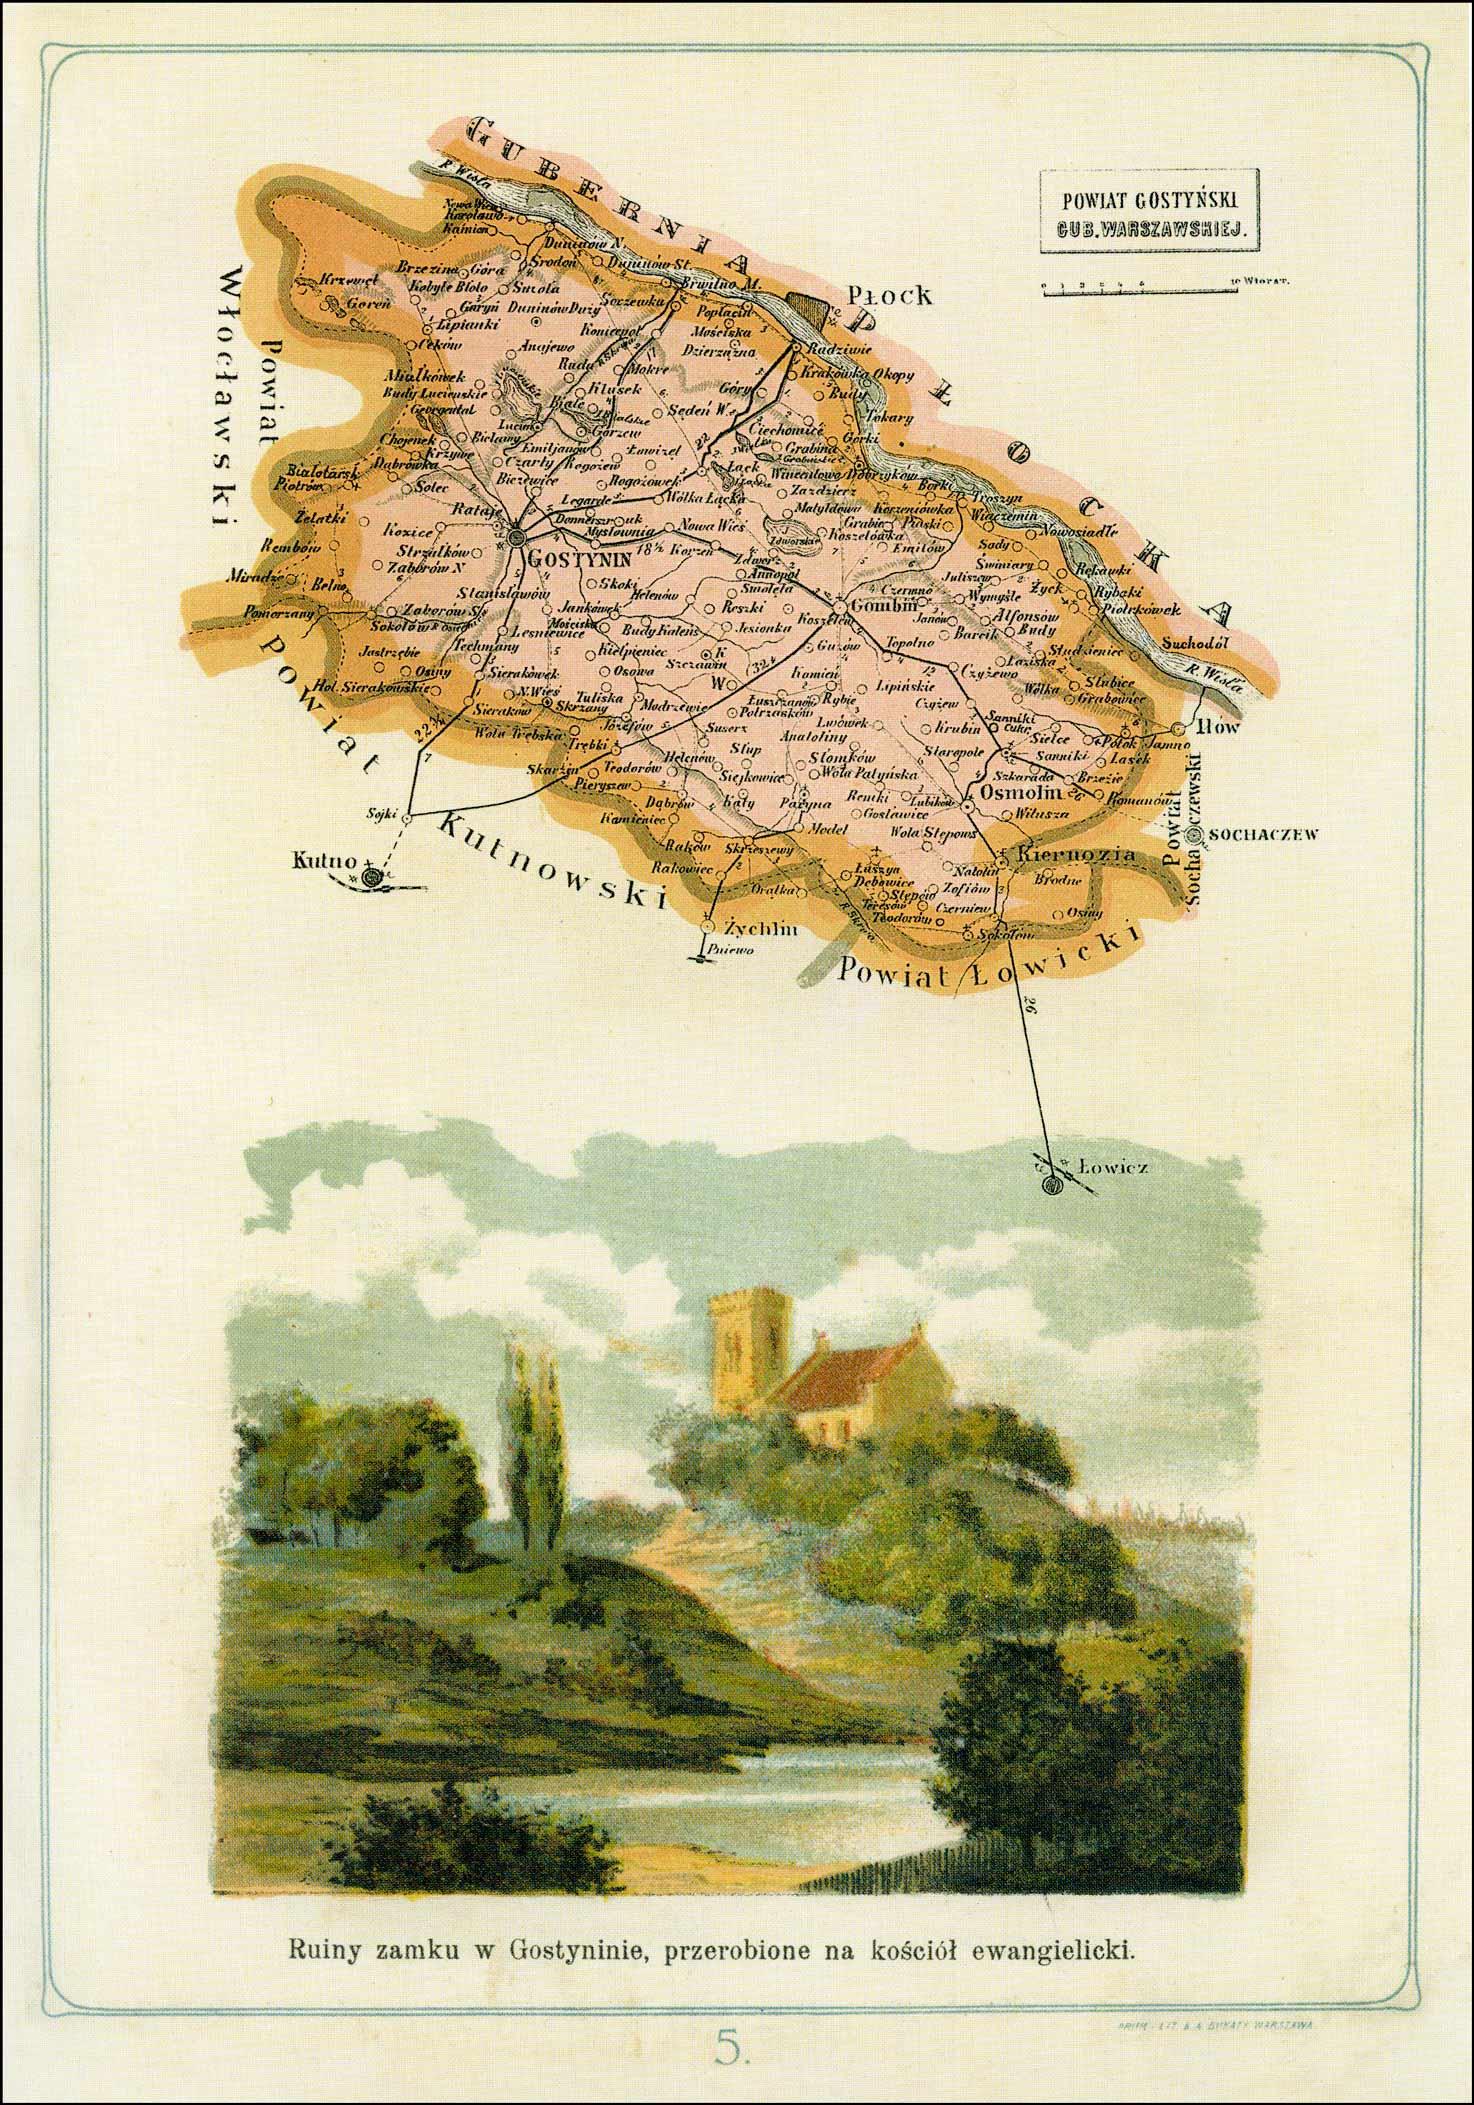 Map of Powiat Gostynski Gubernia Warszawskiej